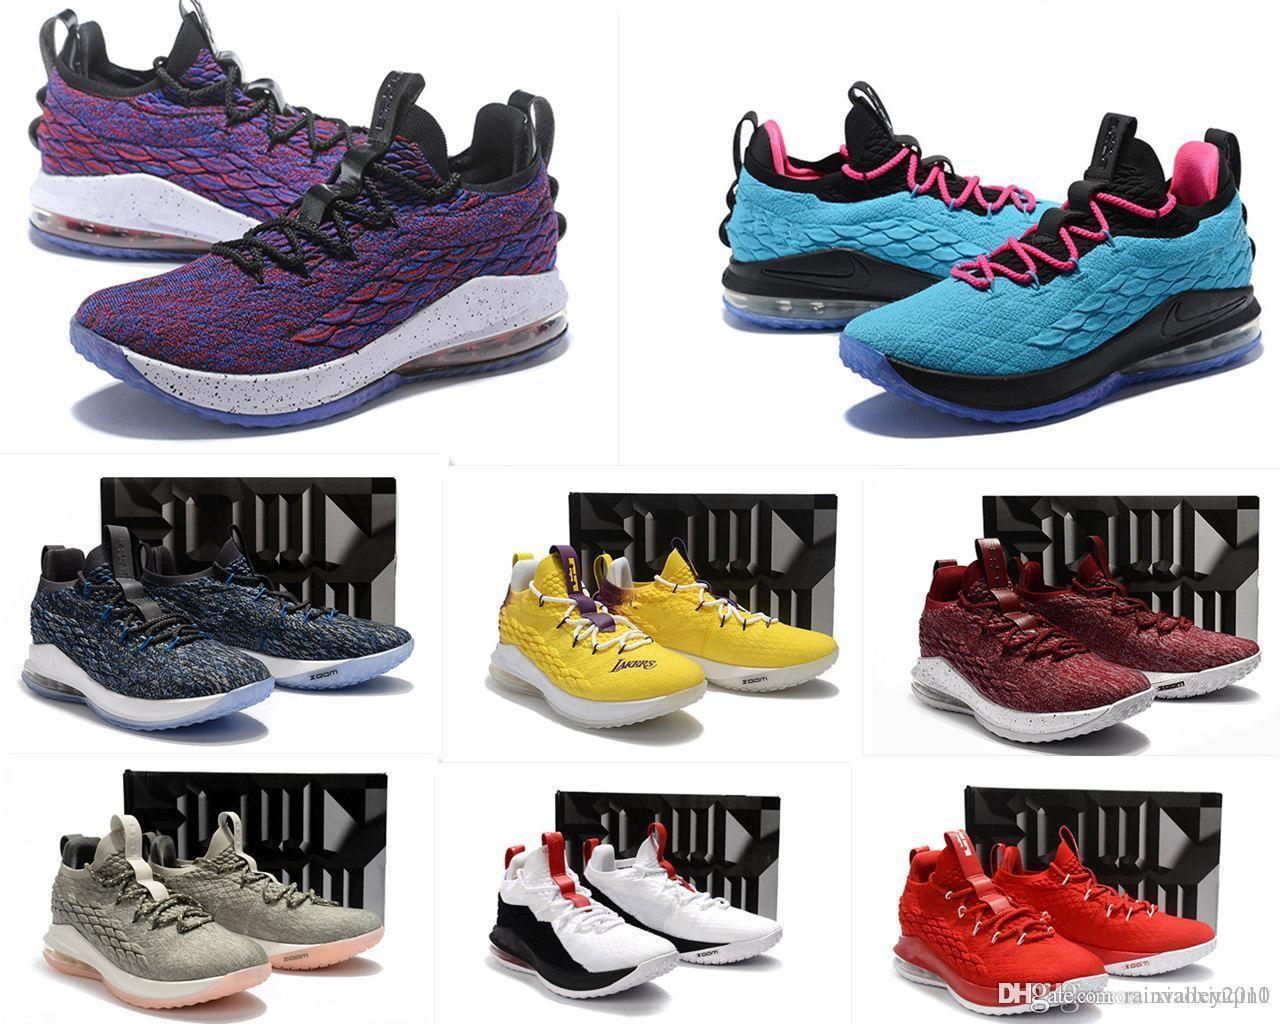 lo que el lebron 15 XV baja zapatos de baloncesto para hombre en venta MVP Navidad BHM Oreo juventud niños Generación zapatillas de deporte botas con caja de envío